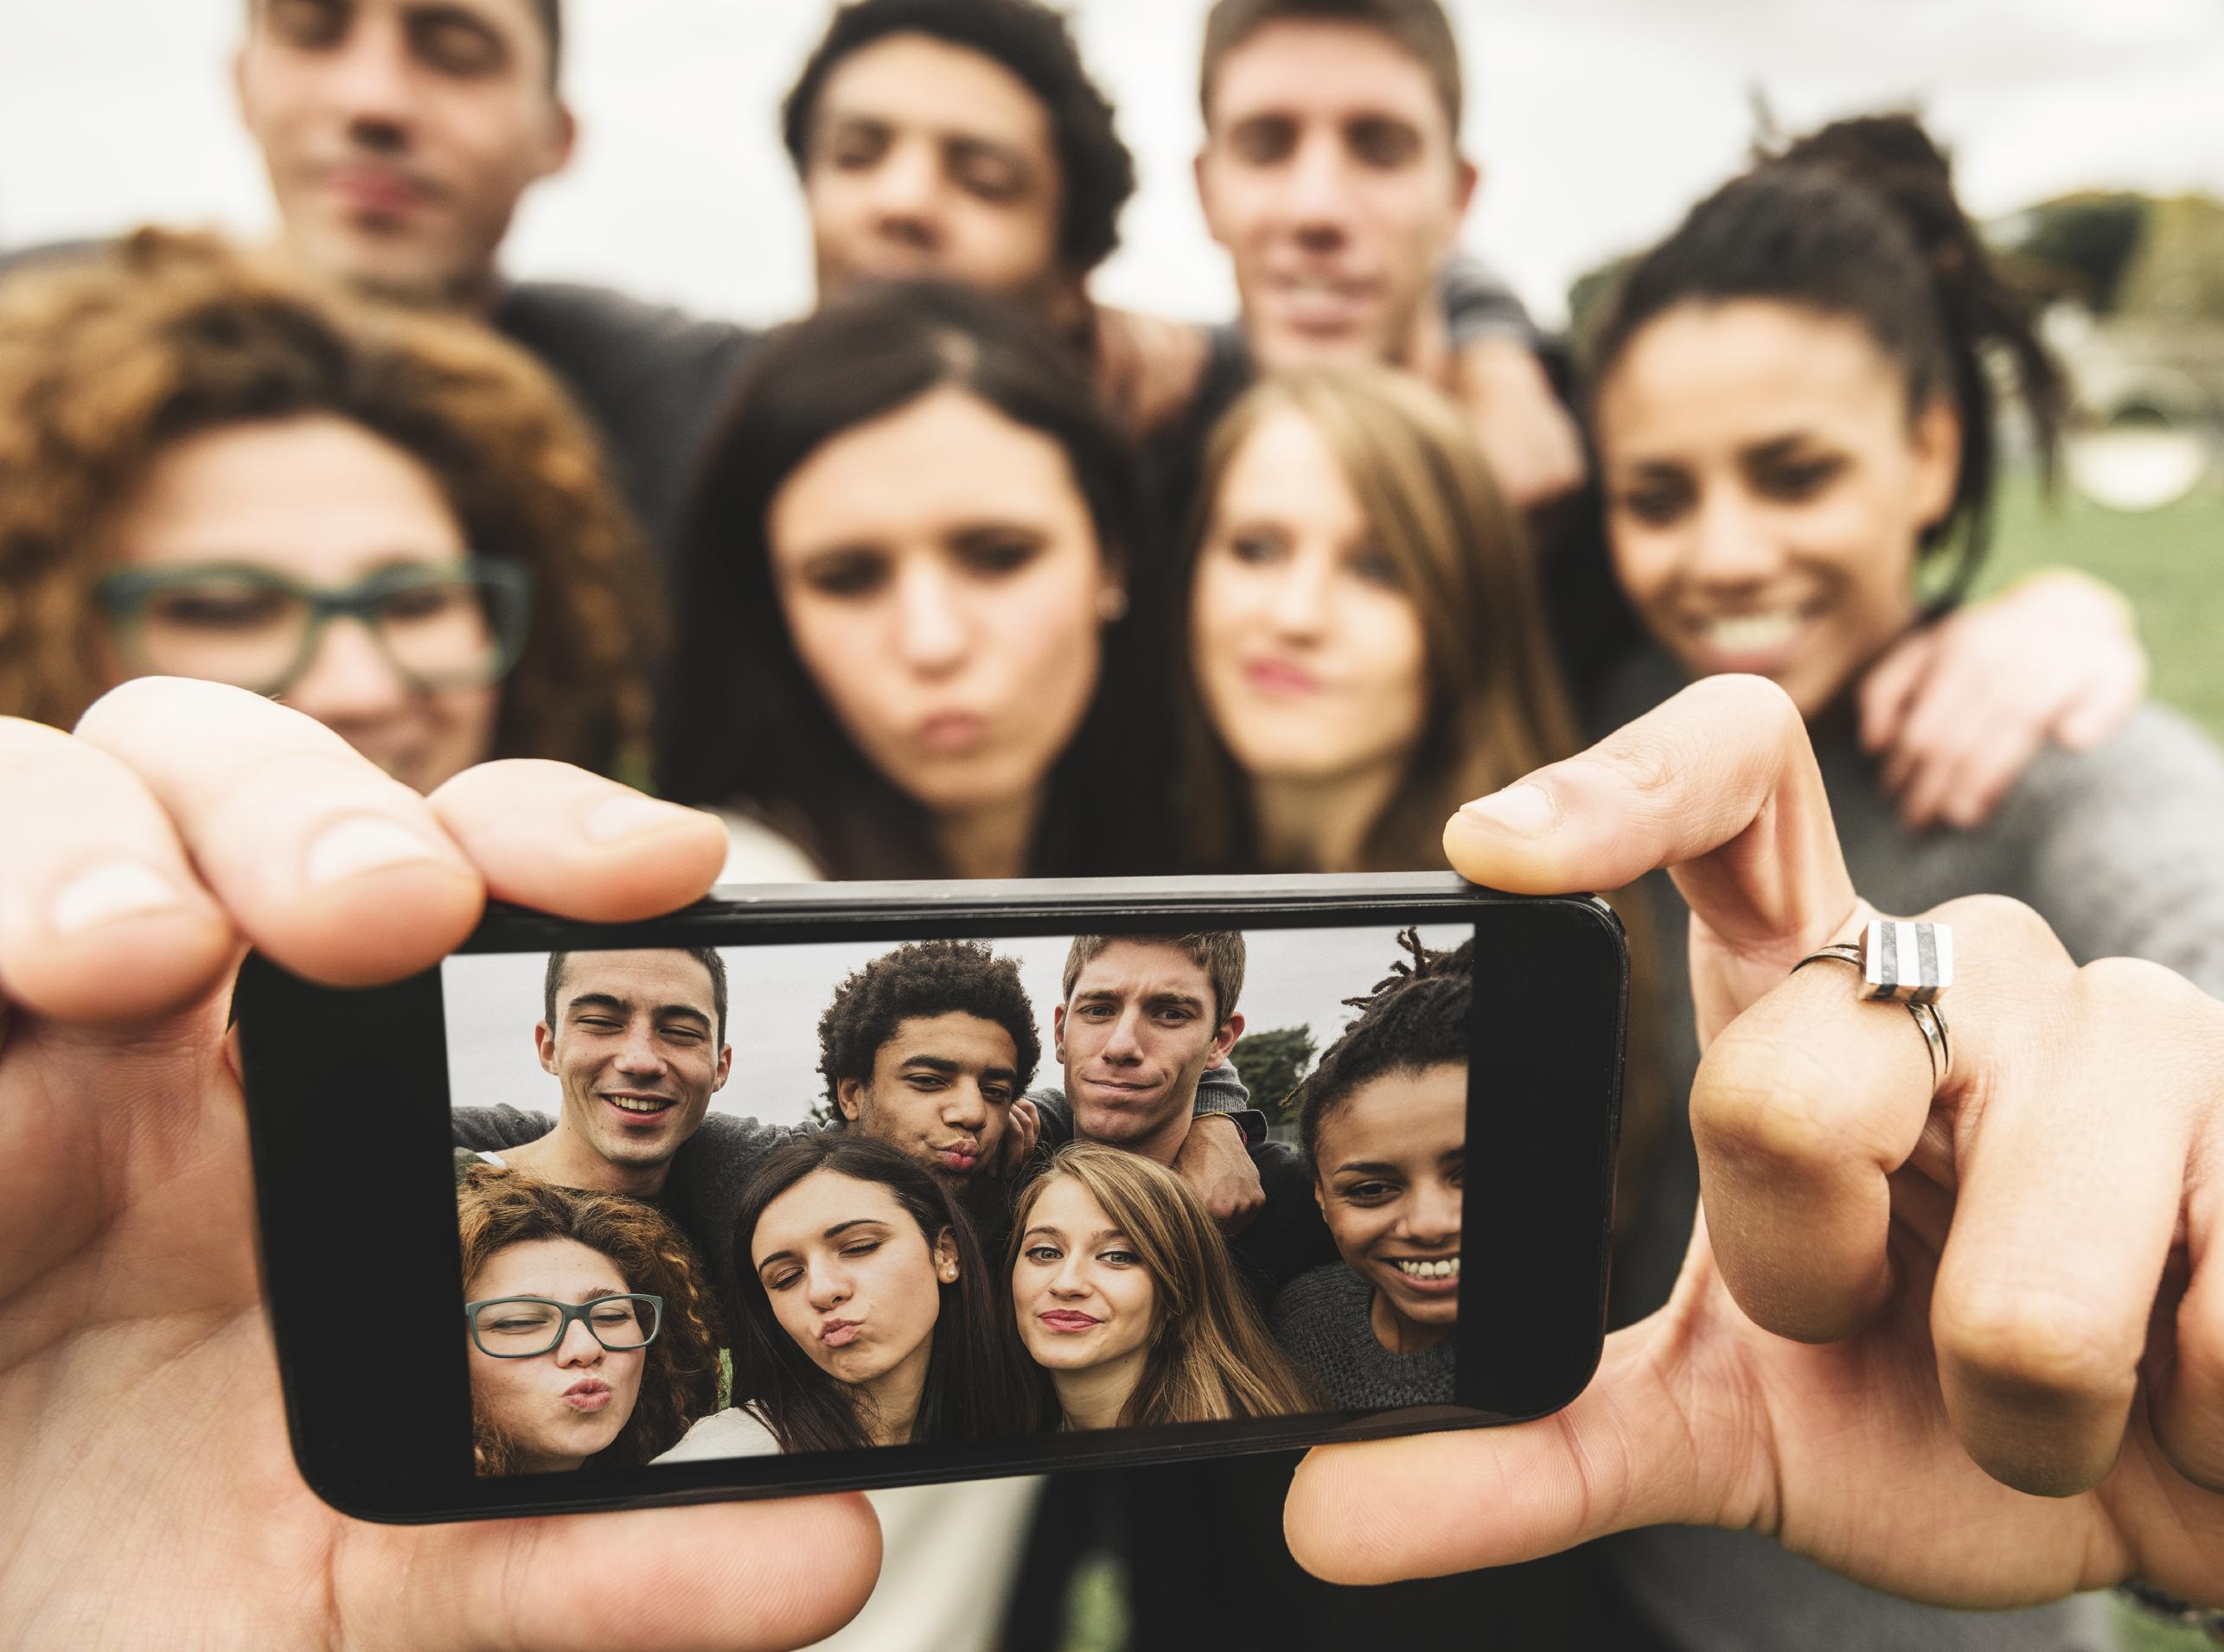 Los jóvenes y la política. Cuando la indiferencia marca una gran diferencia